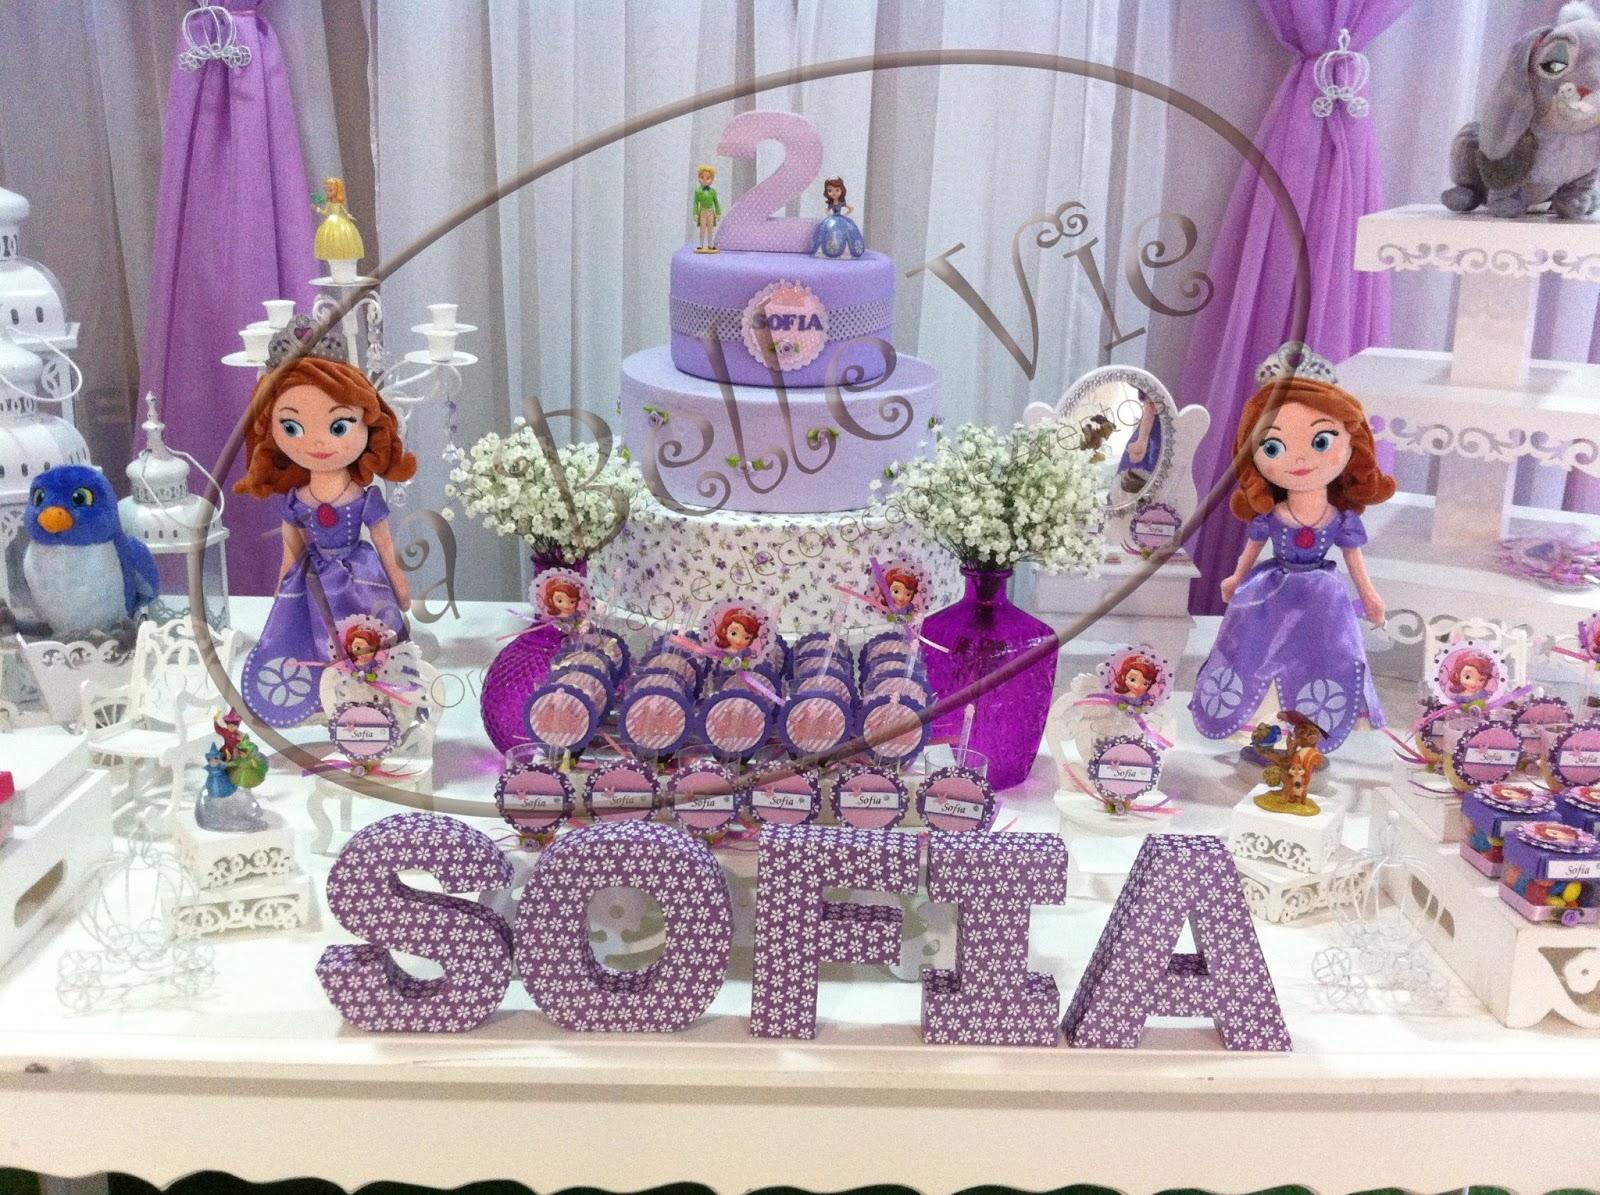 La Belle Vie Eventos Decoraç u00e3o provençal personalizada Princesa Sofia -> Decoração De Aniversário Princesa Sofia